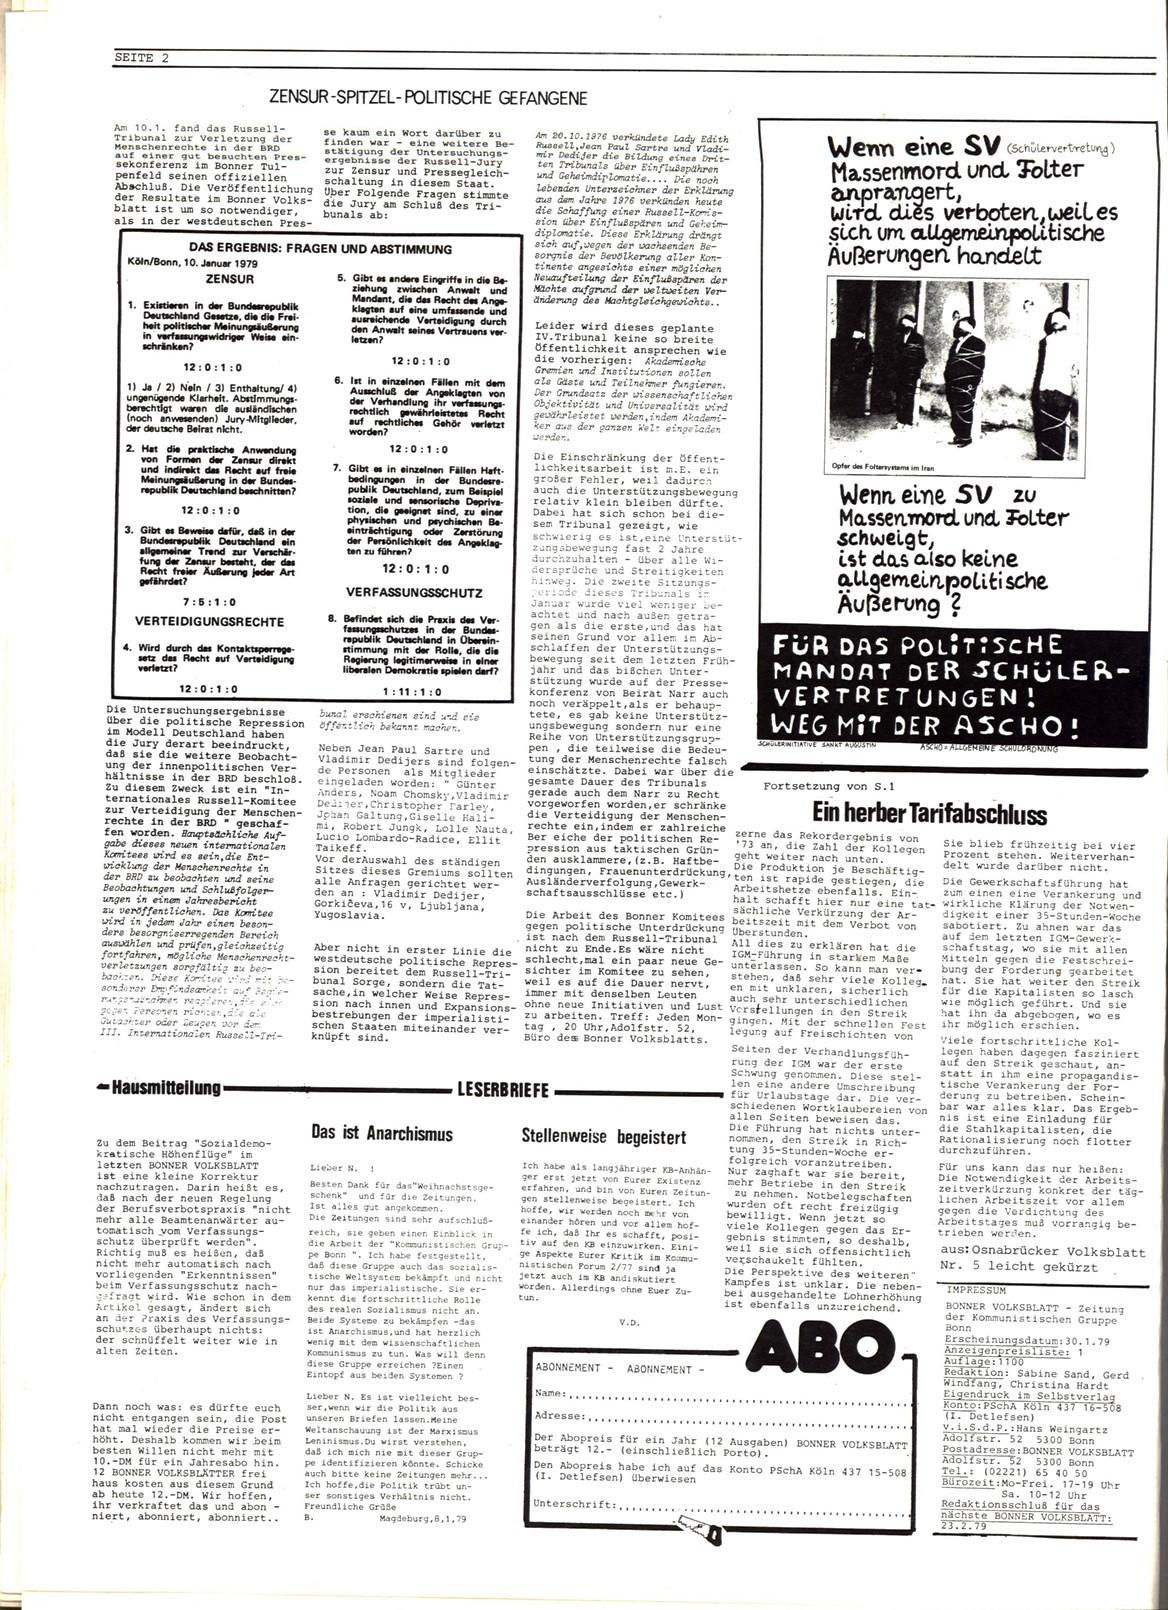 Bonner_Volksblatt_21_19790130_02